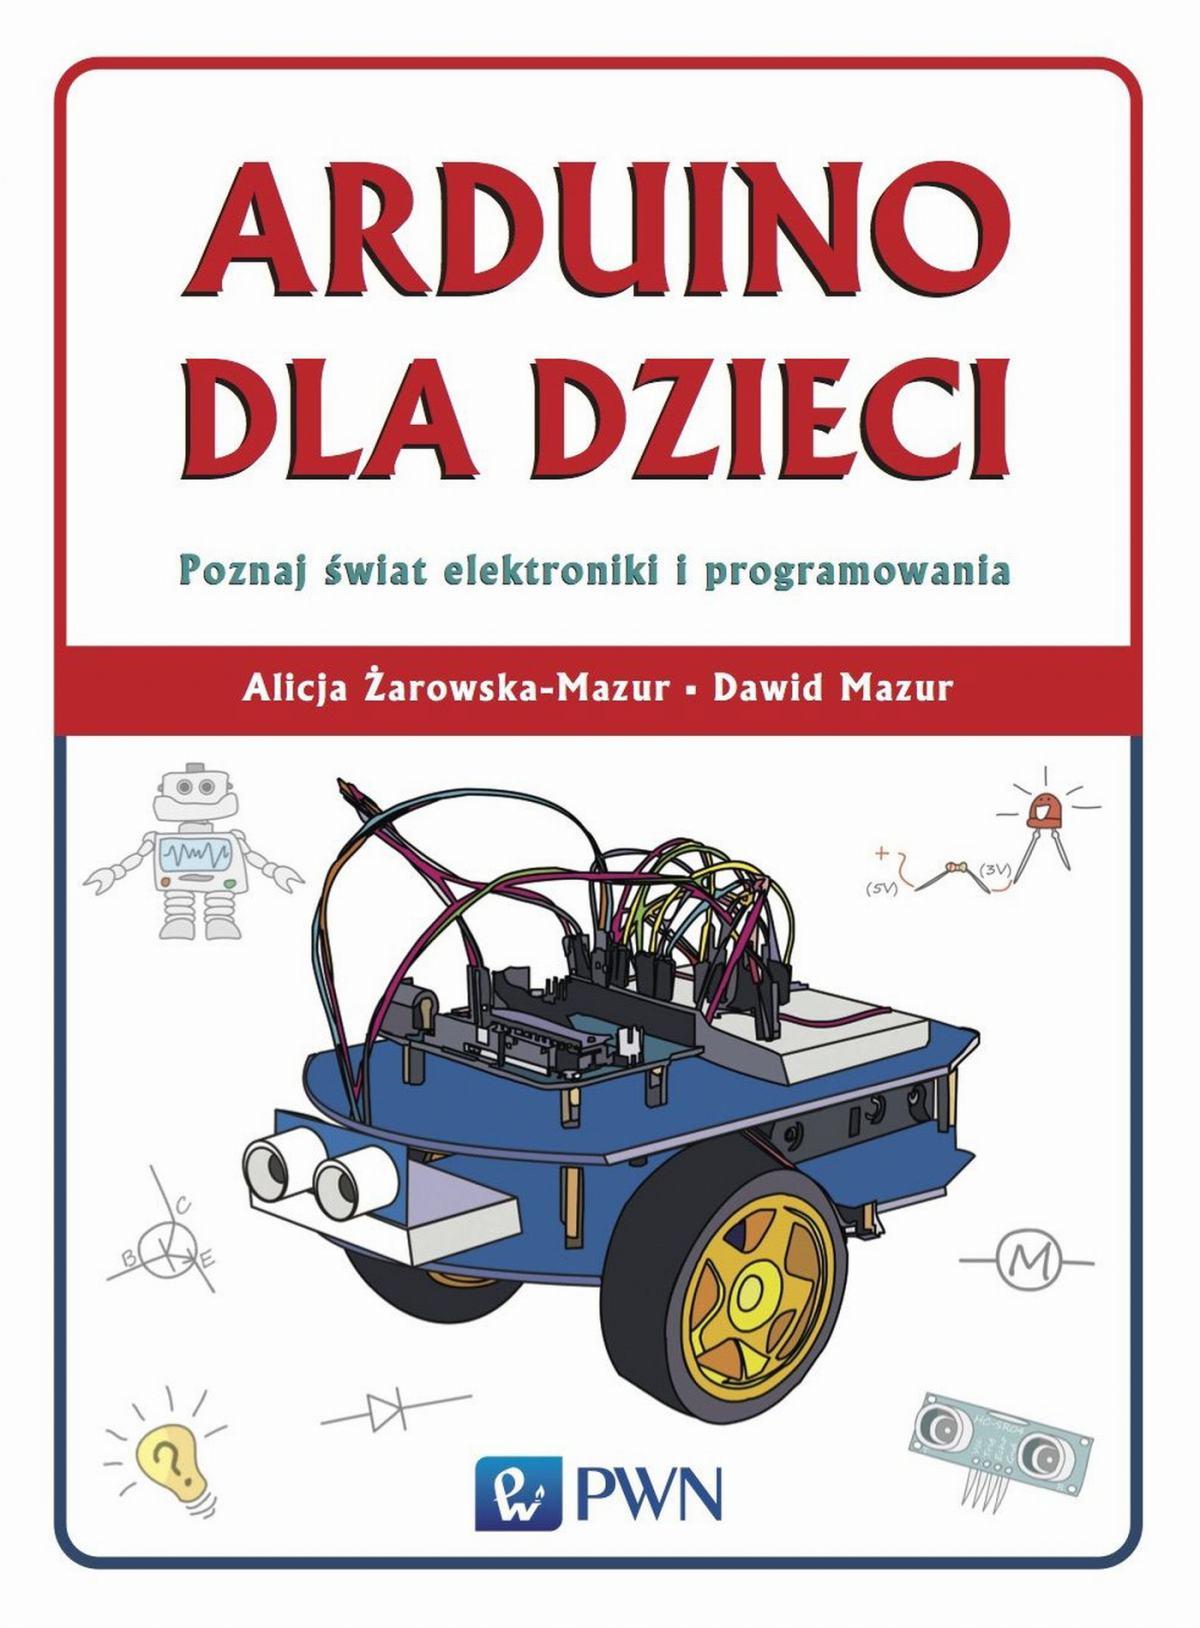 Arduino dla dzieci. Poznaj świat elektroniki i programowania - Ebook (Książka EPUB) do pobrania w formacie EPUB